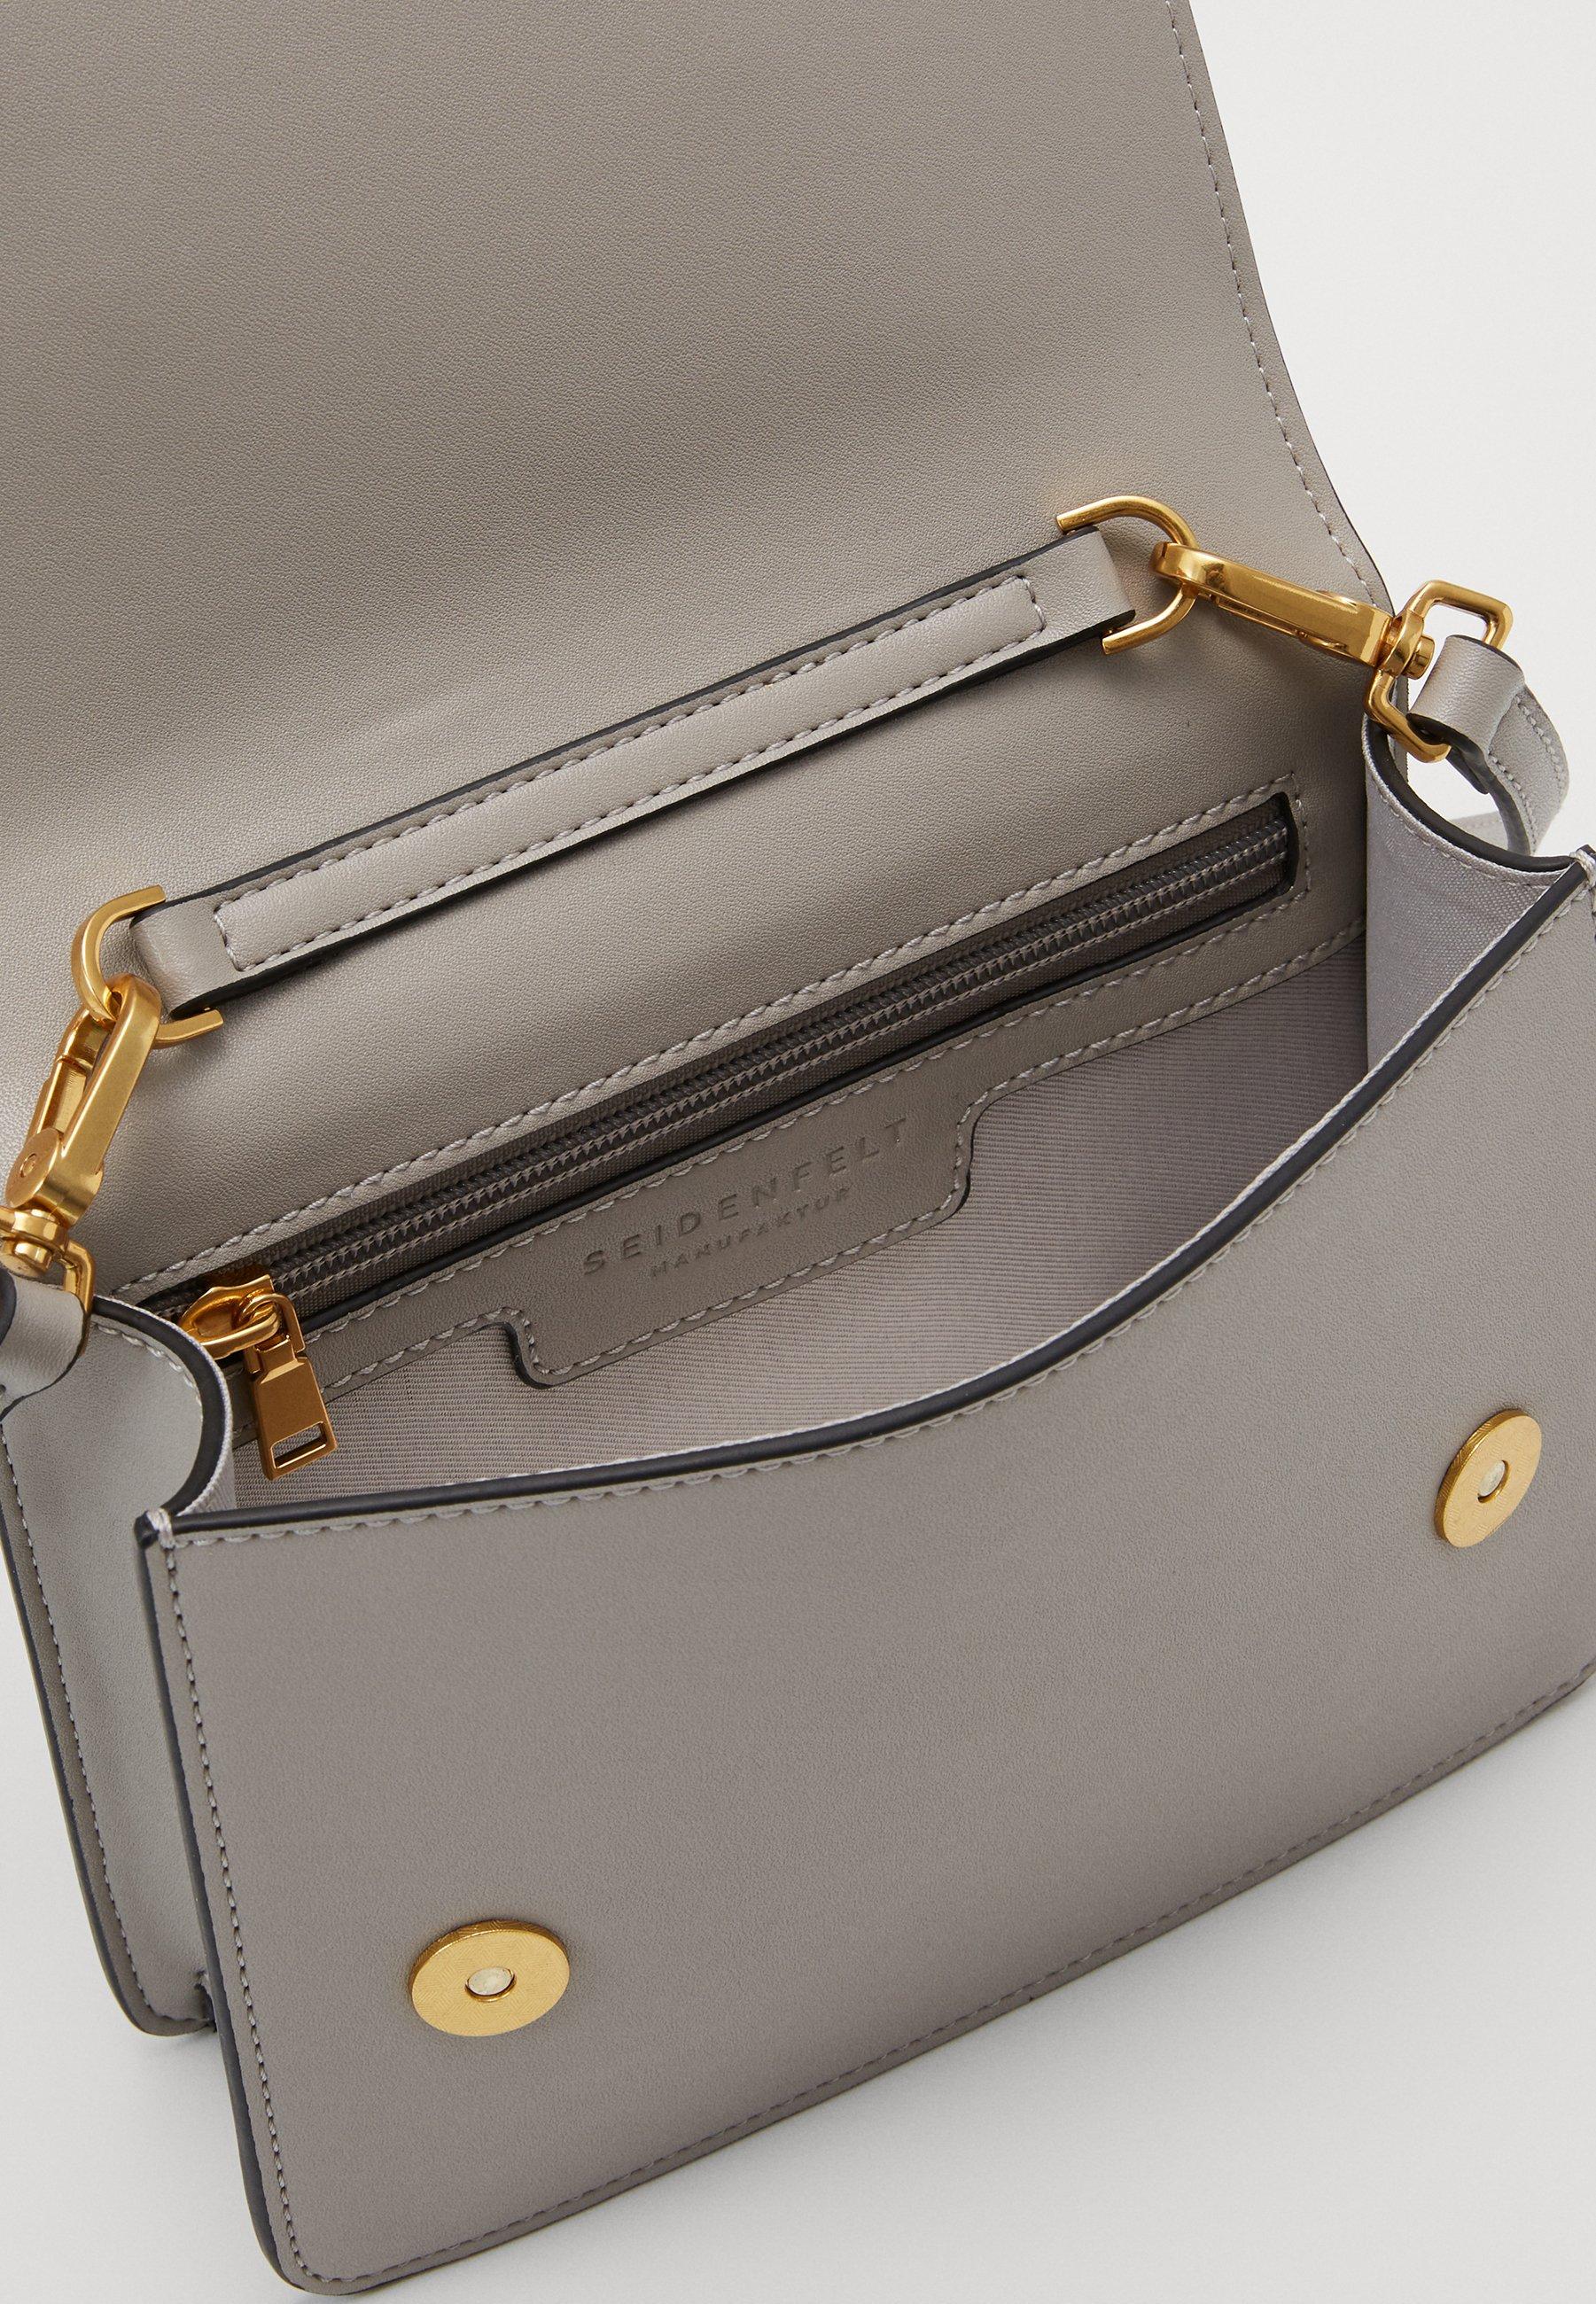 Seidenfelt LEVANGER - Across body bag - powder taupe - Women's Bags Best Choice